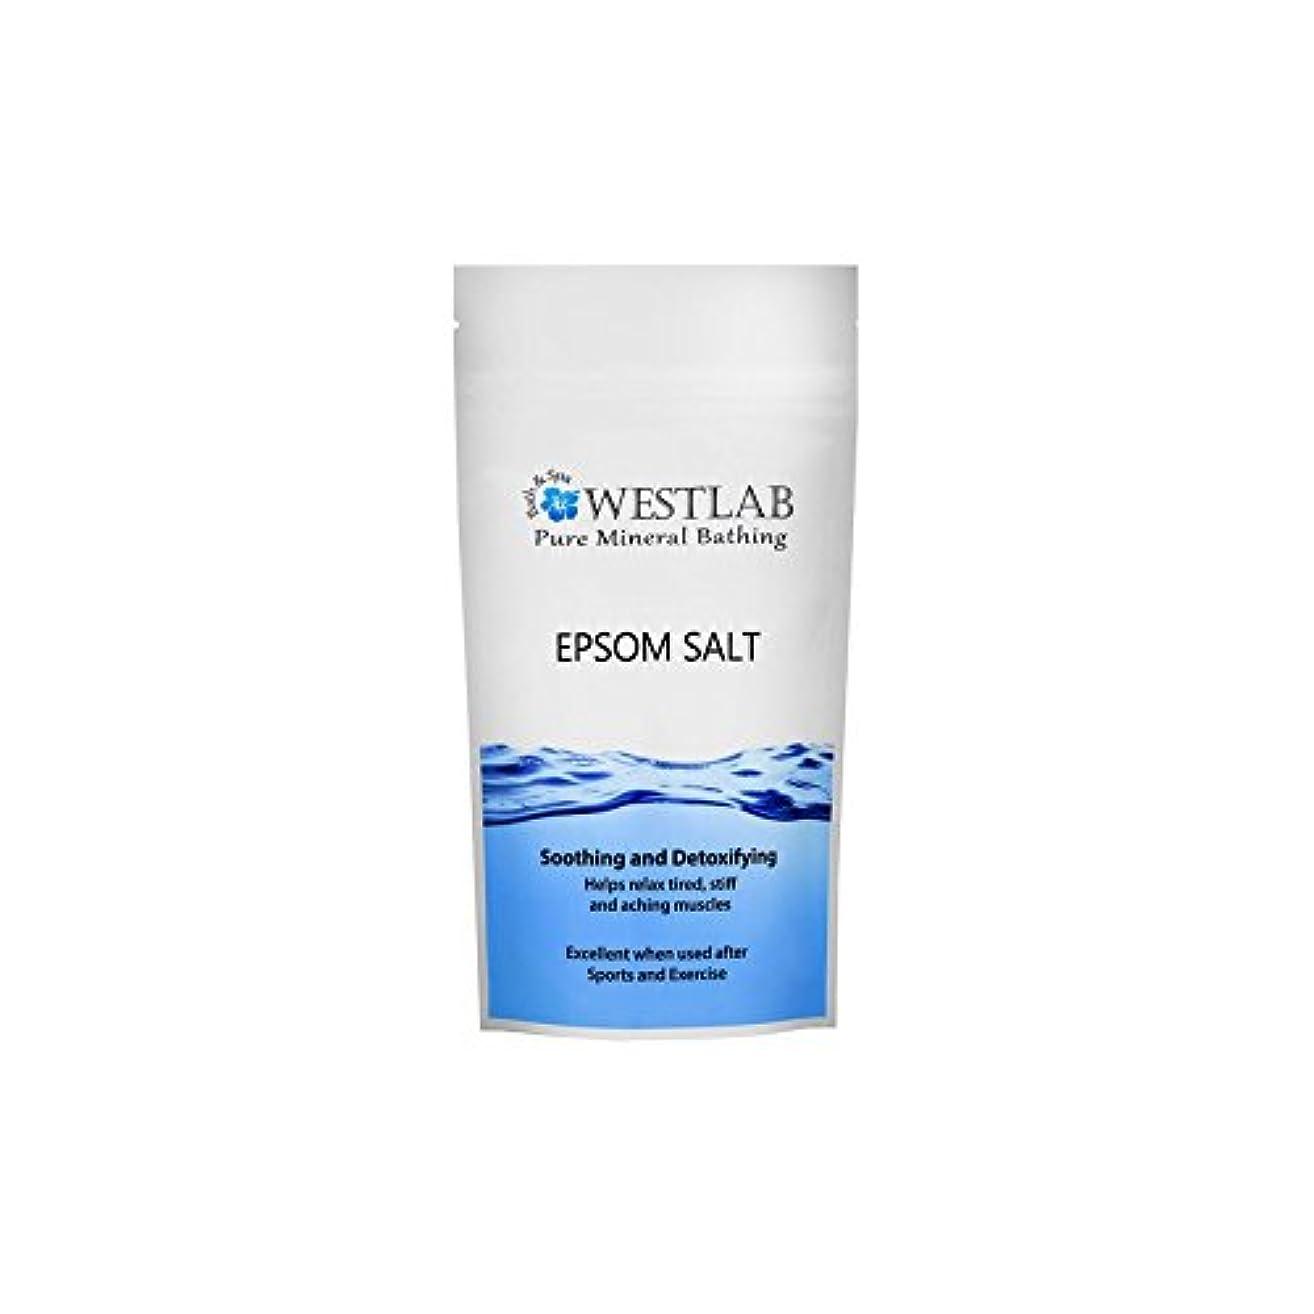 遺伝子ずんぐりした移行エプソム塩の2キロ x2 - Westlab Epsom Salt 2kg (Pack of 2) [並行輸入品]